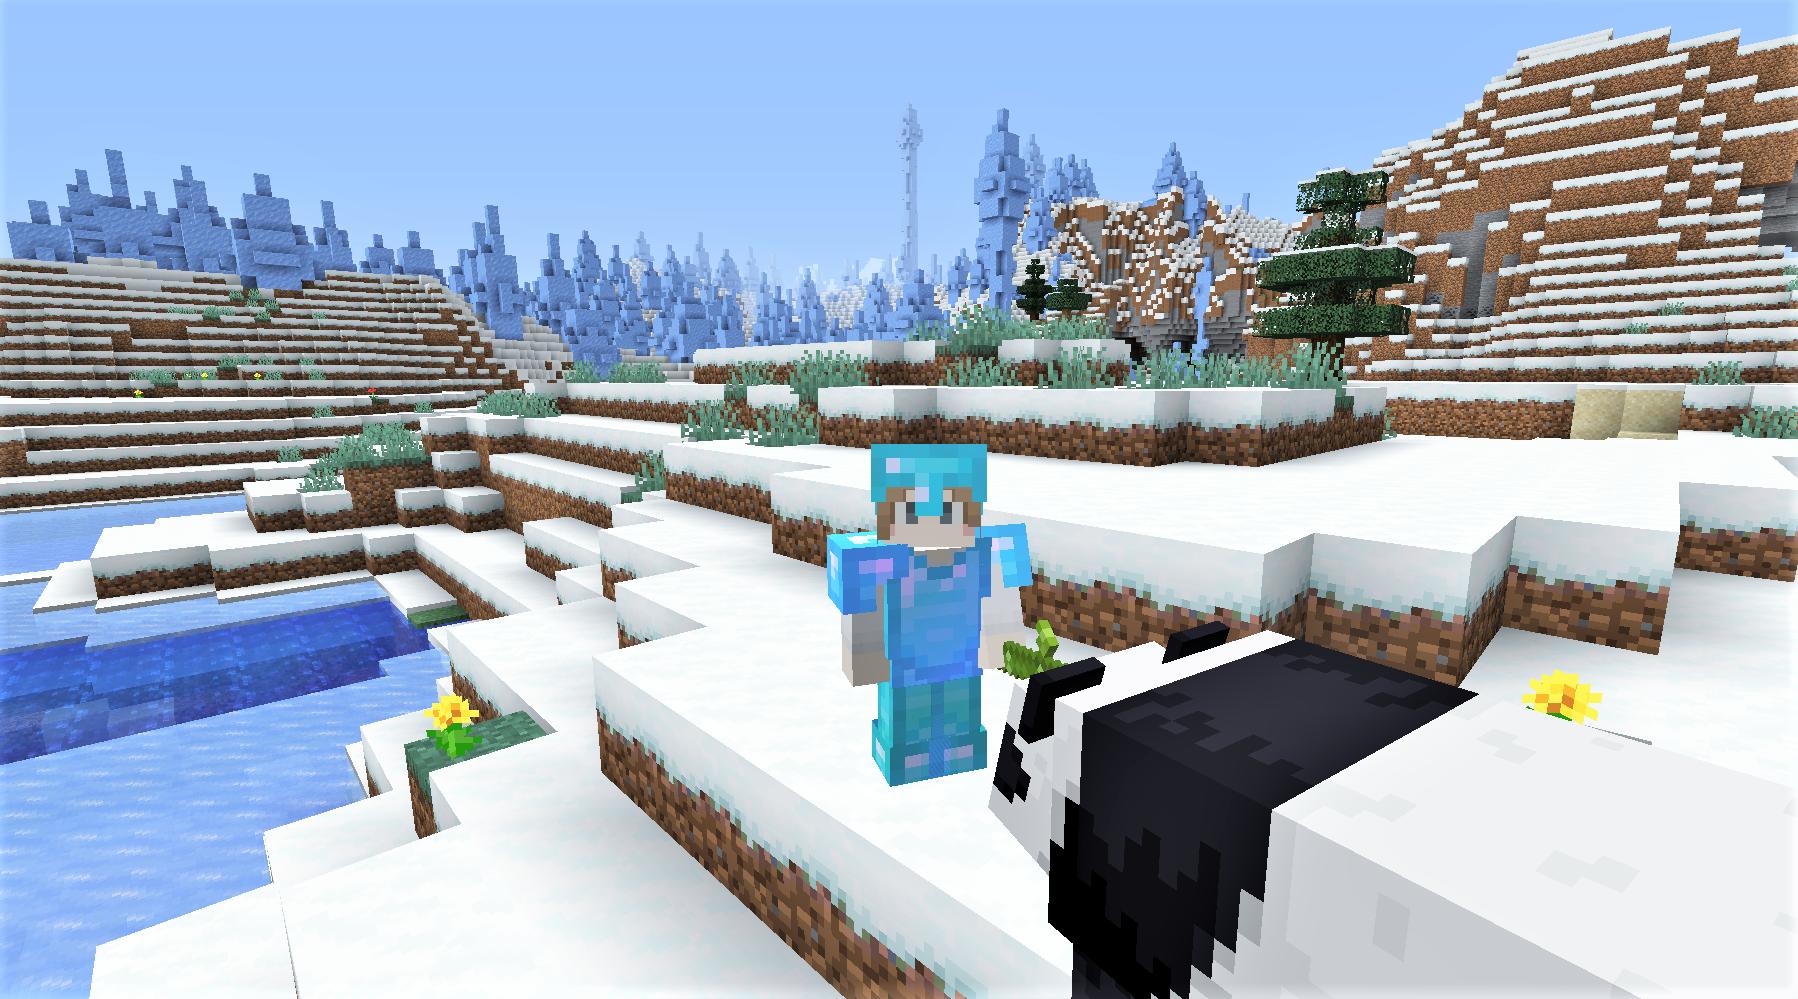 2周目のパンダ旅 樹氷.png